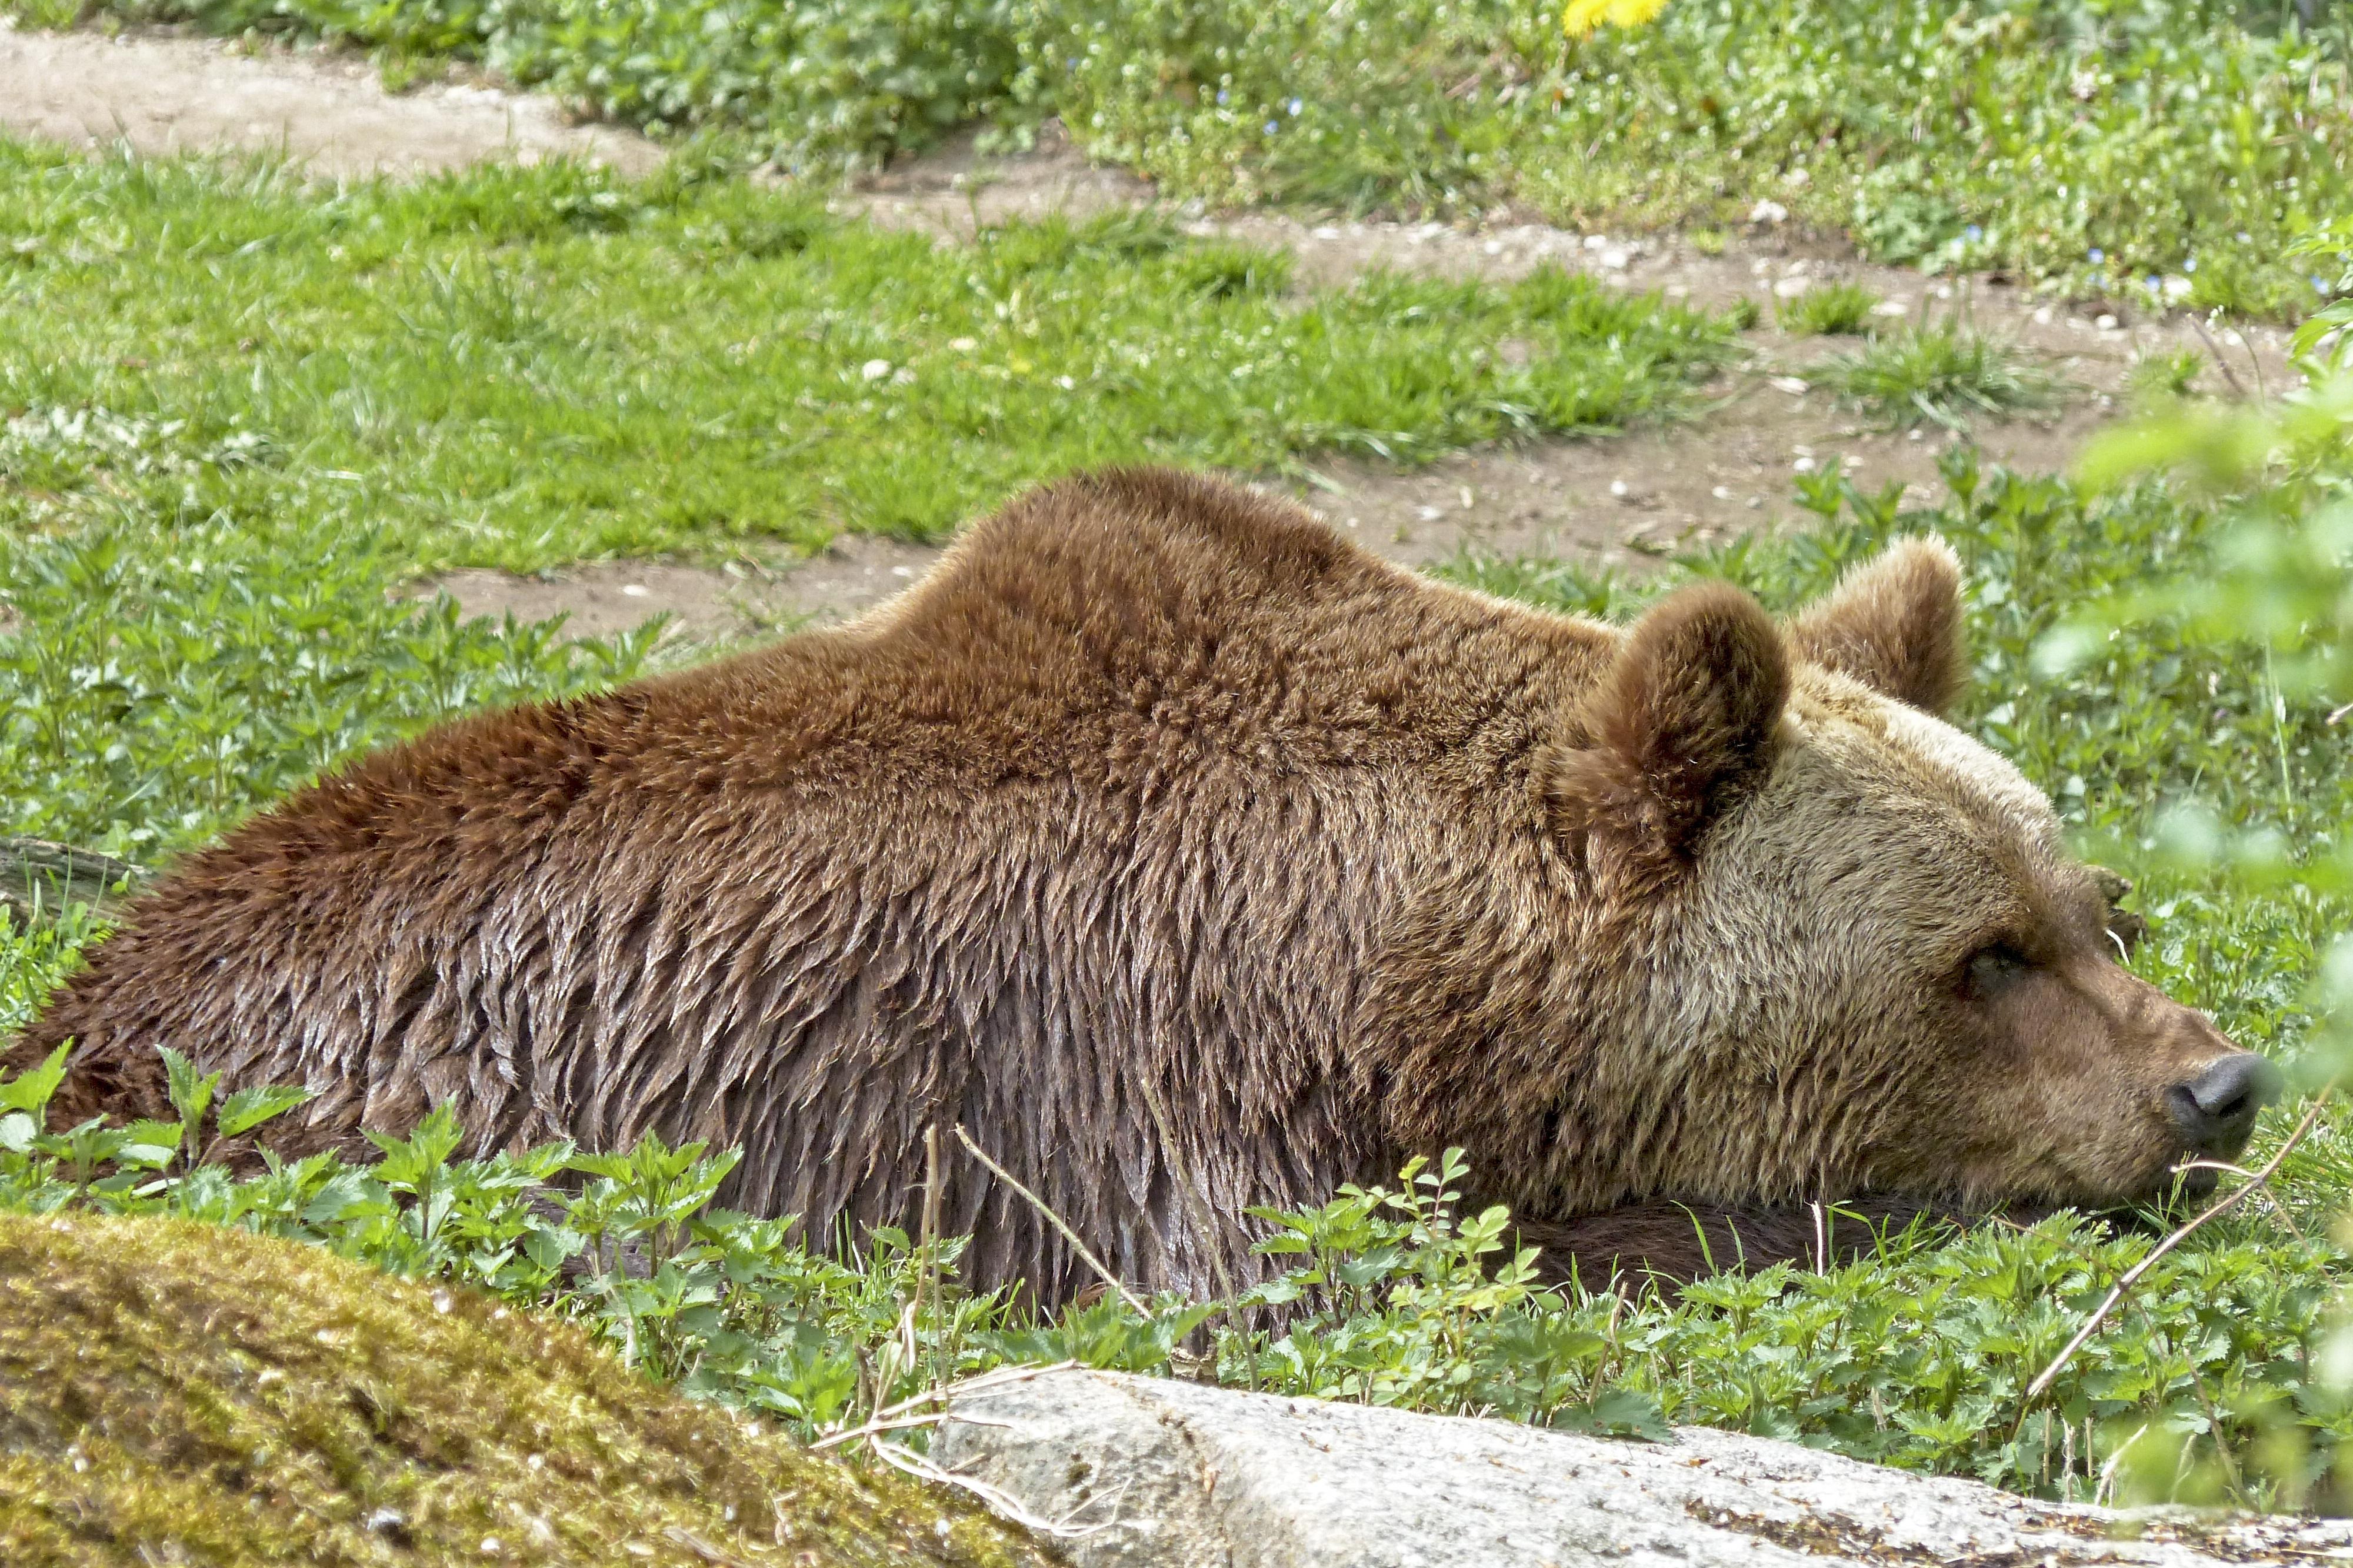 自然褐色_無料画像 : 自然, くま, 野生動物, 動物園, ナチュラル, 褐色 ...